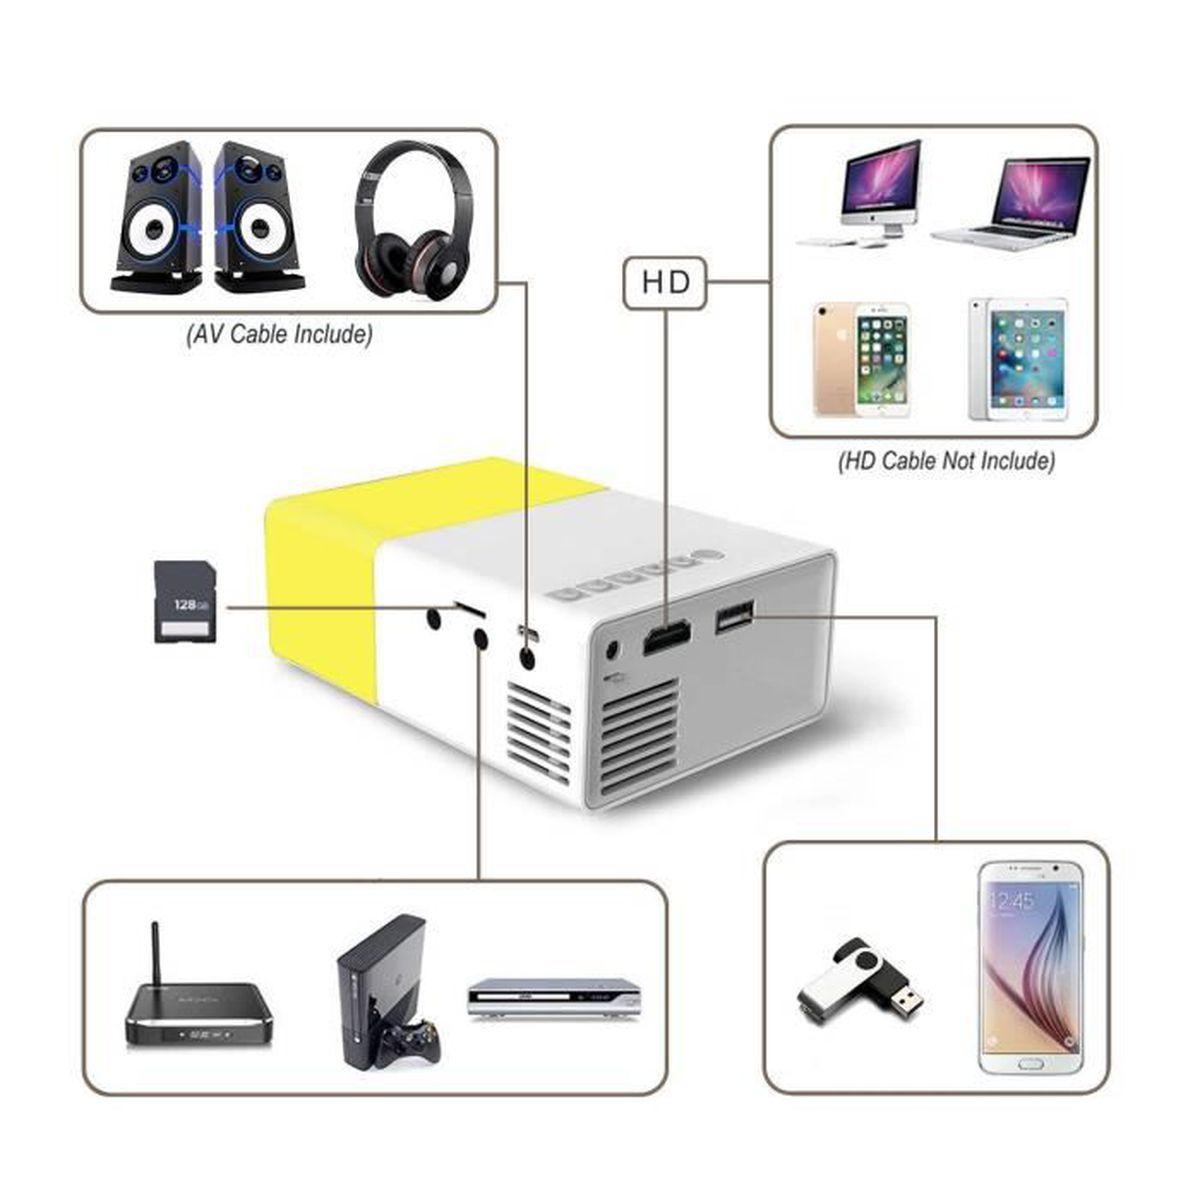 Videoprojecteur Avec Tuner Tv vidéoprojecteur, mini projecteur, led portable projecteur avec  usb-sd-av-hdmi pour loisirs (maison film theatre,video,camping,jeu)